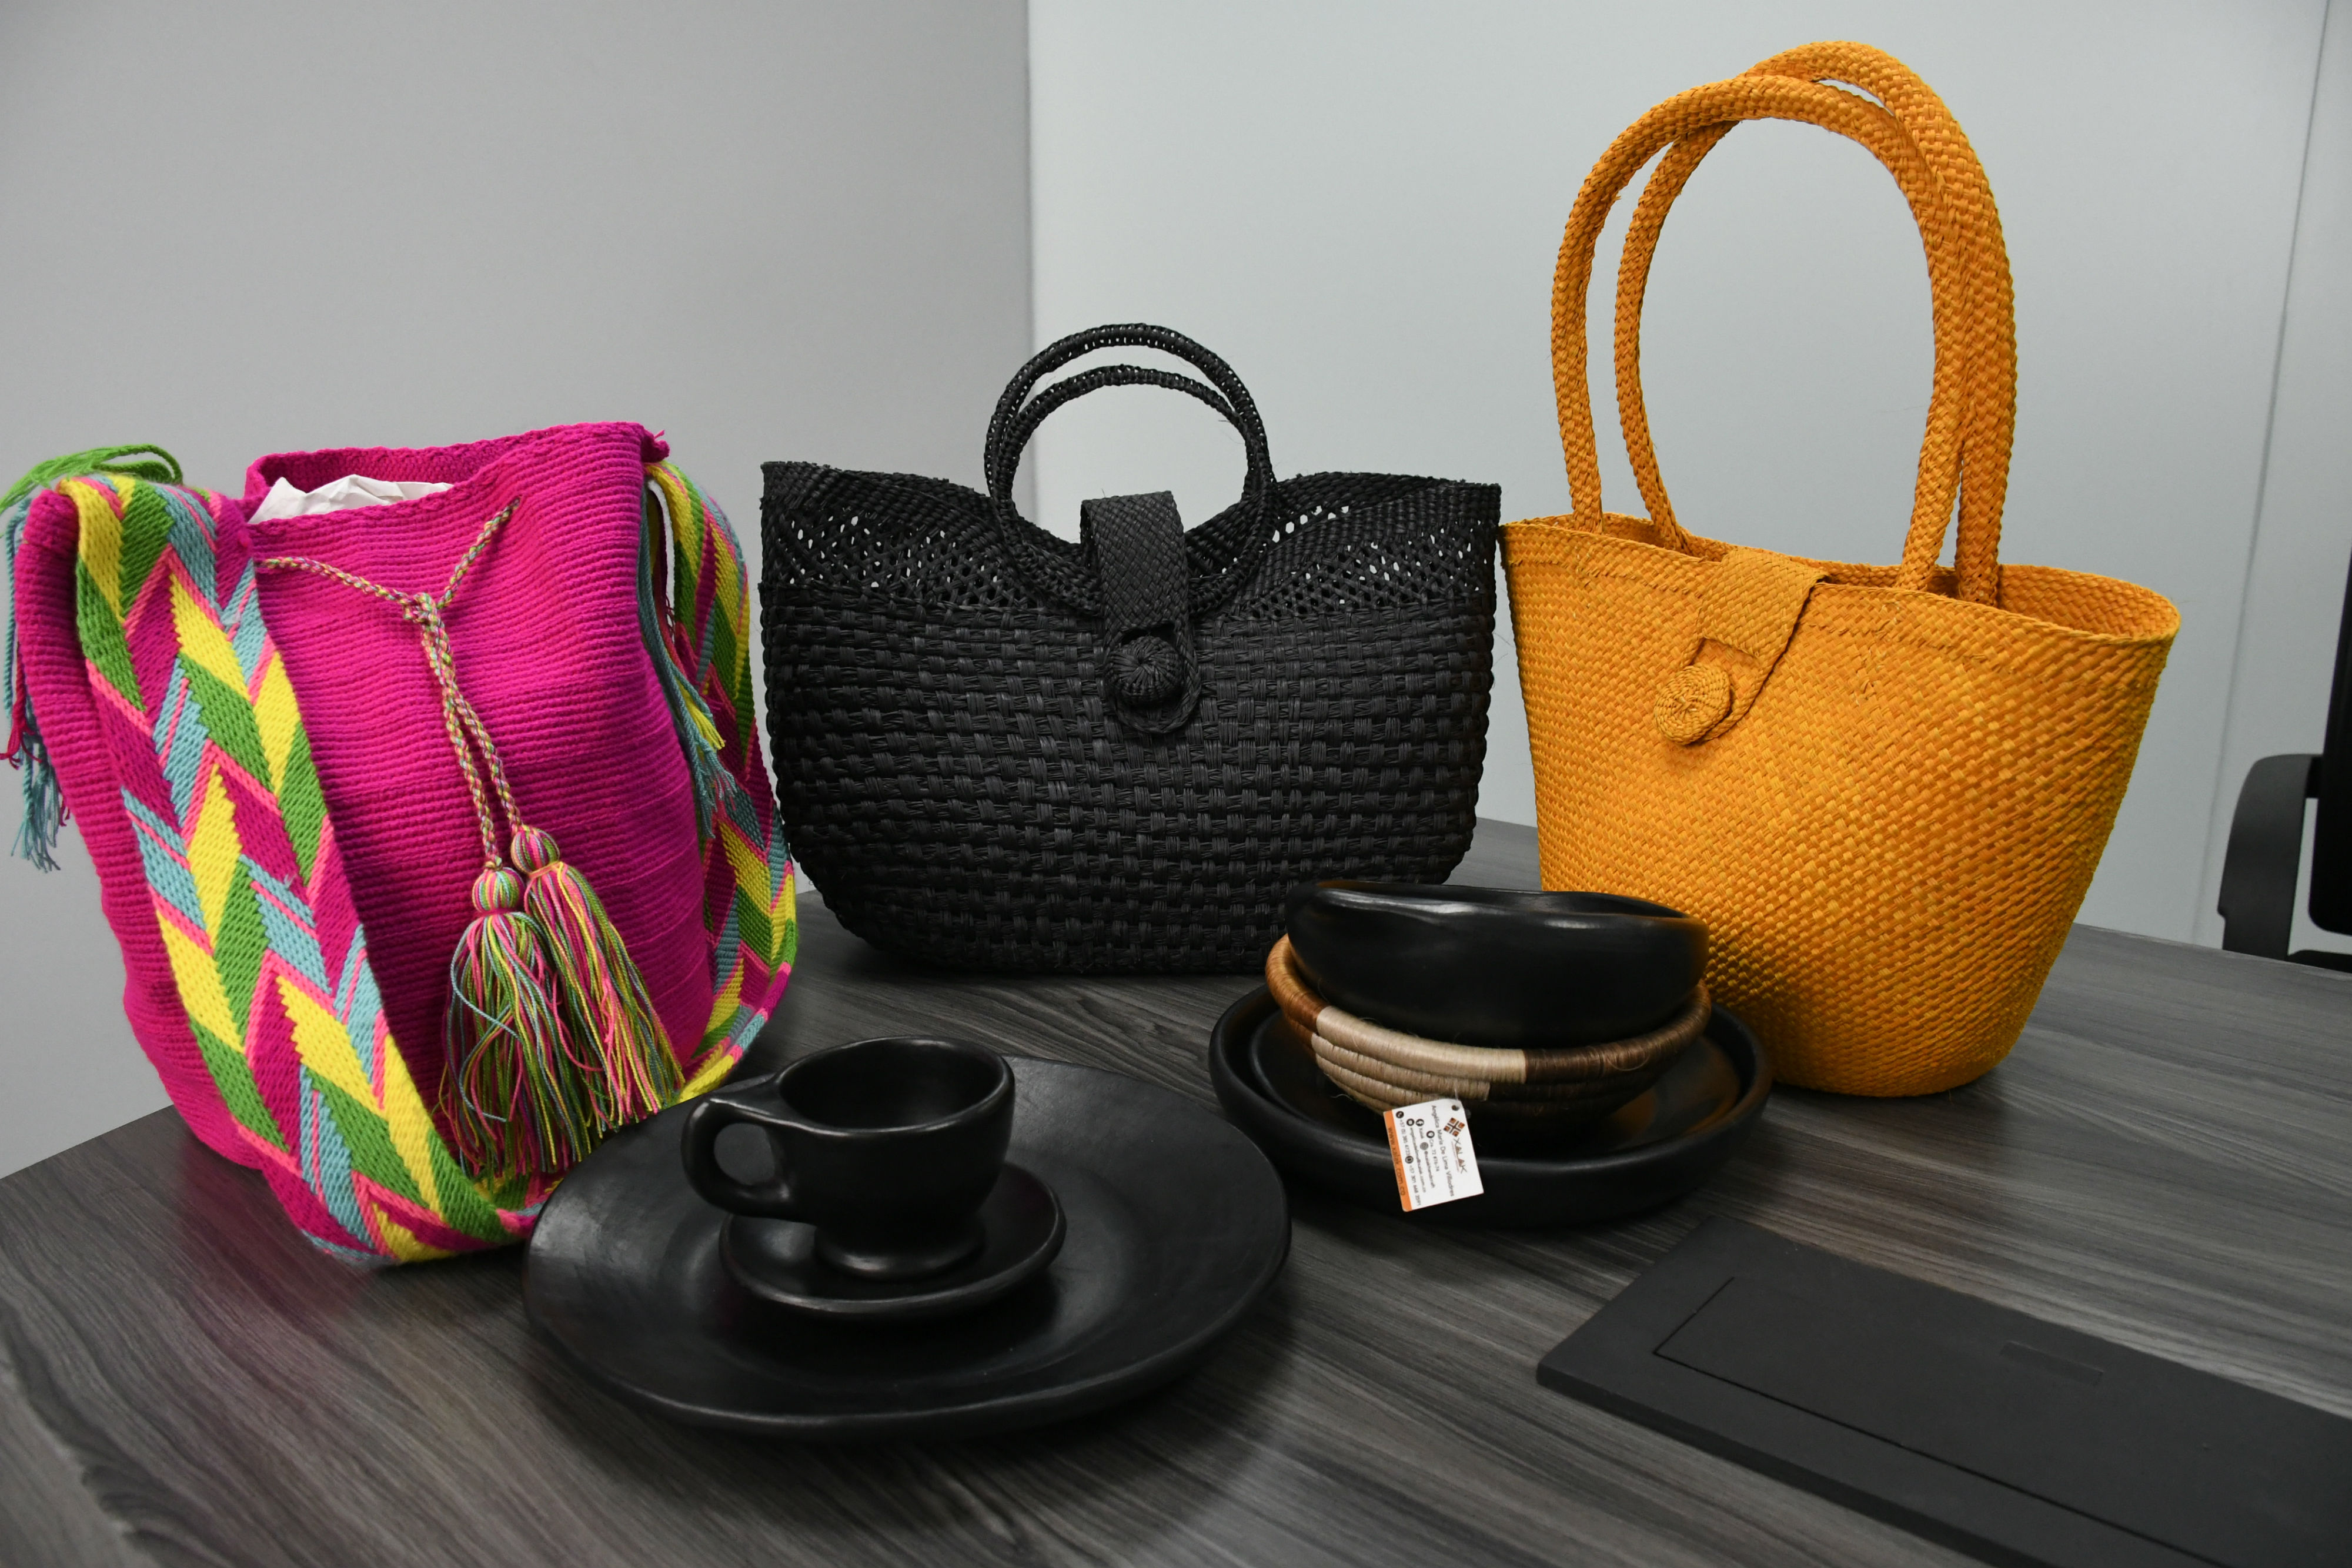 Mochilas, bolsos, platos son productos de exportación.